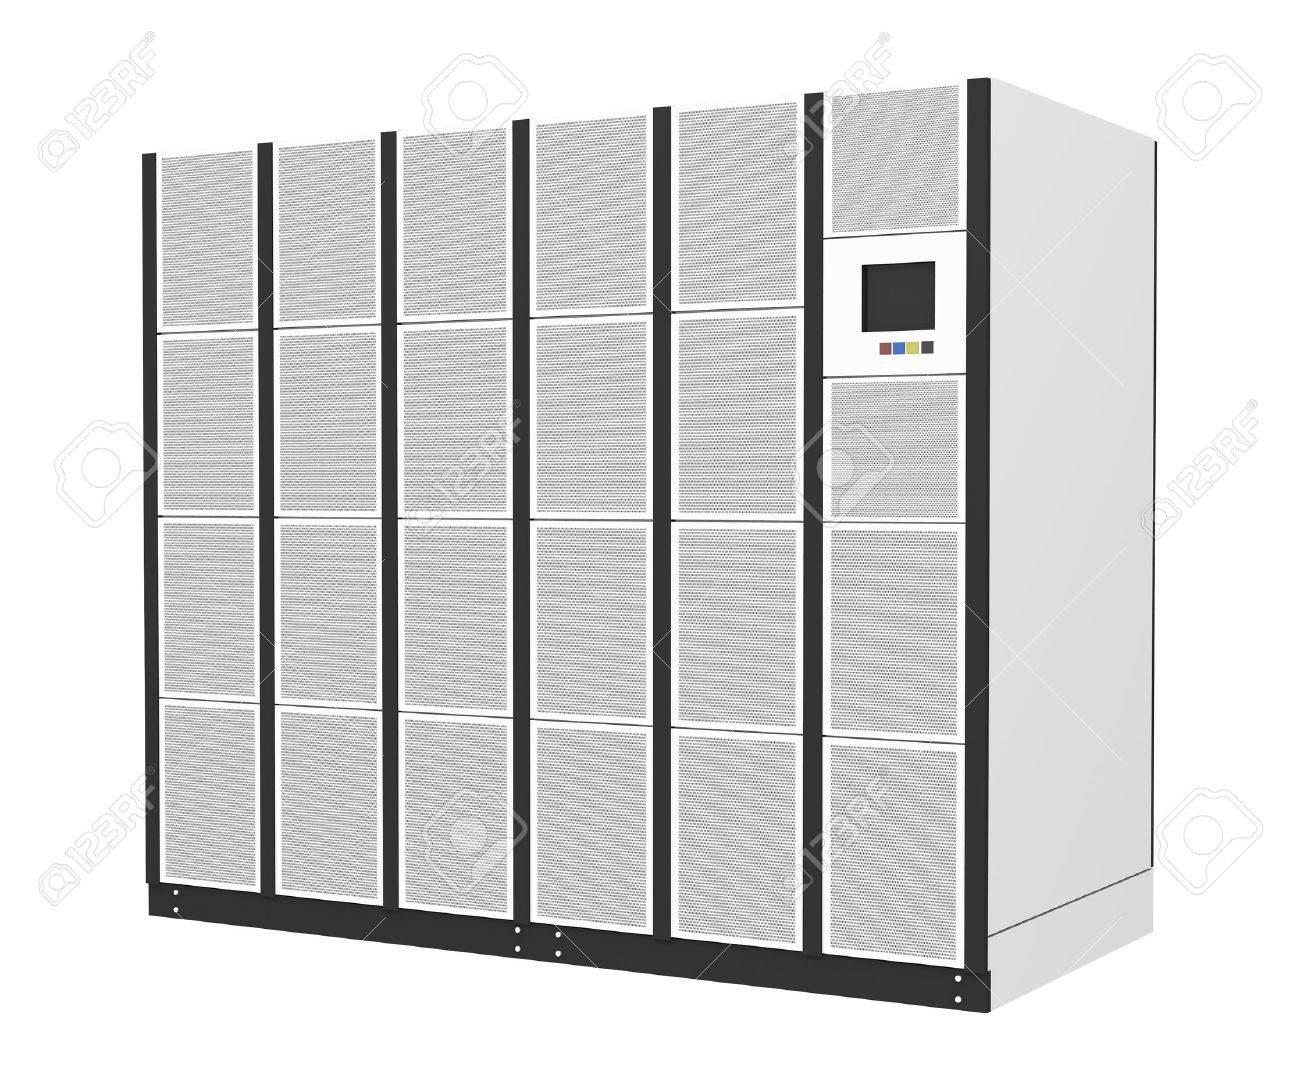 Unterbrechungsfreie Stromversorgung Für Rechenzentren, Serverraum ...